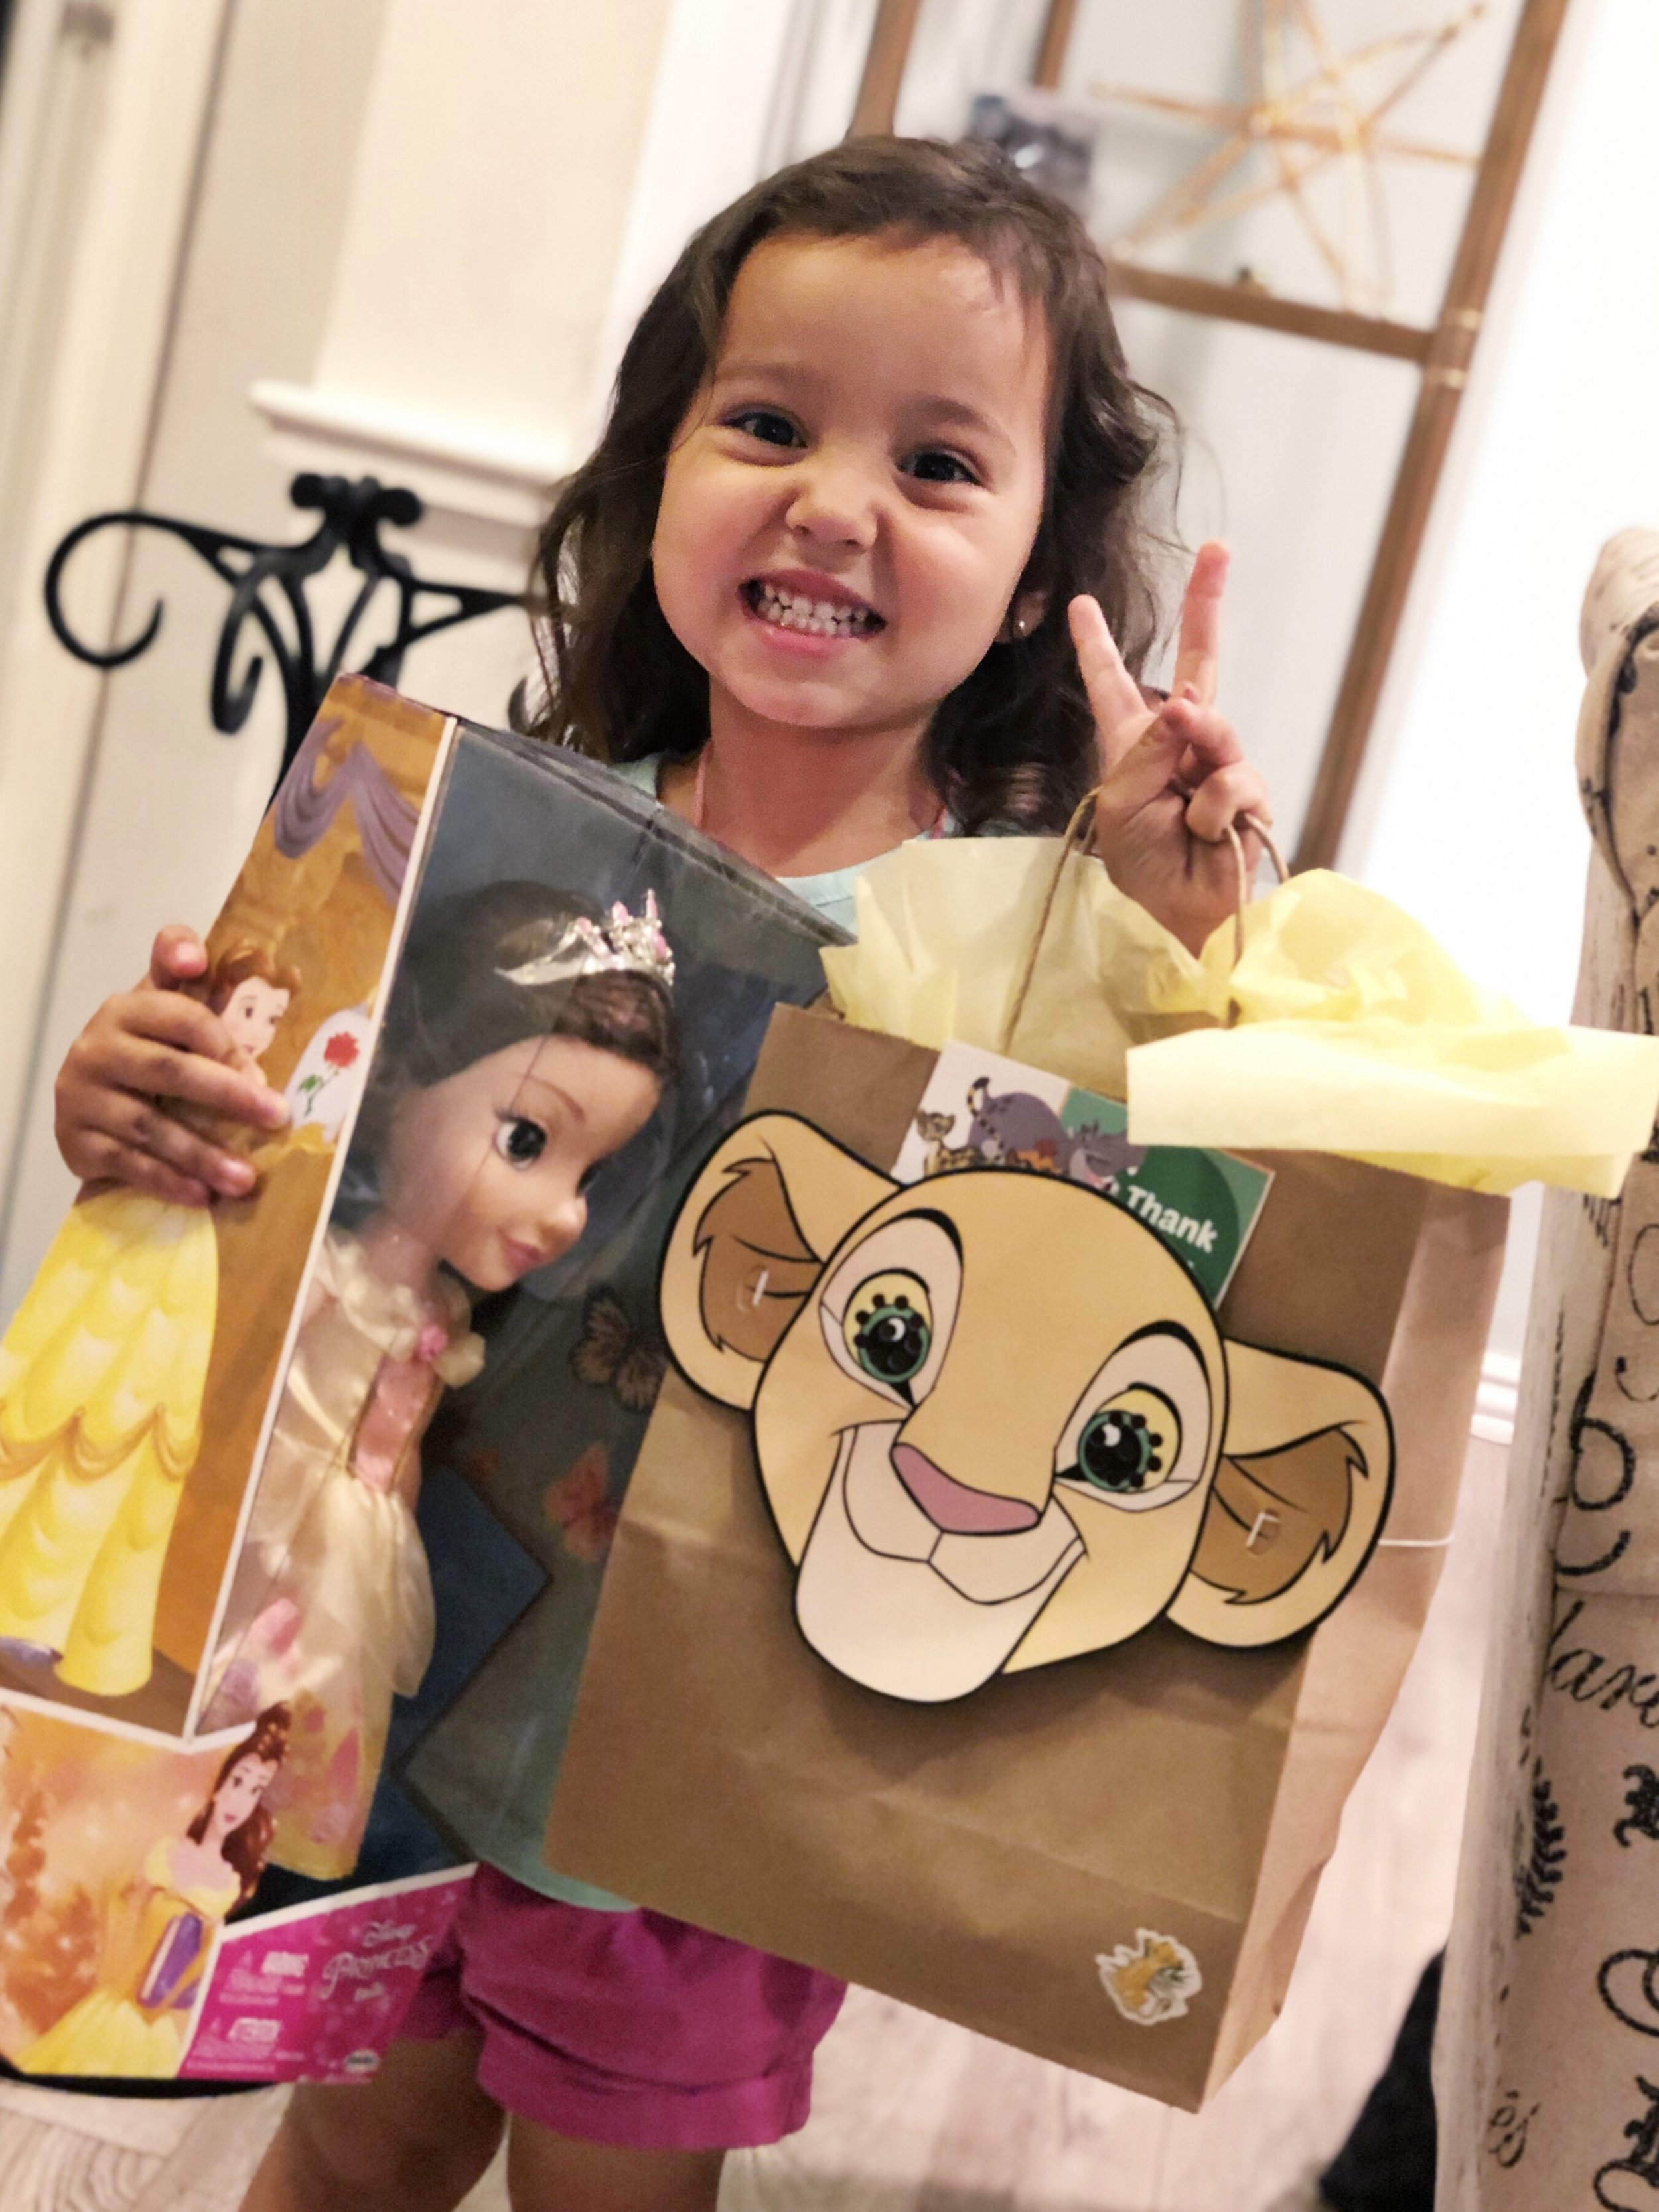 My little niece Elisa was the lucky winner of a Disney Beauty & the Beast Belle Doll! Isn't she a cutie?